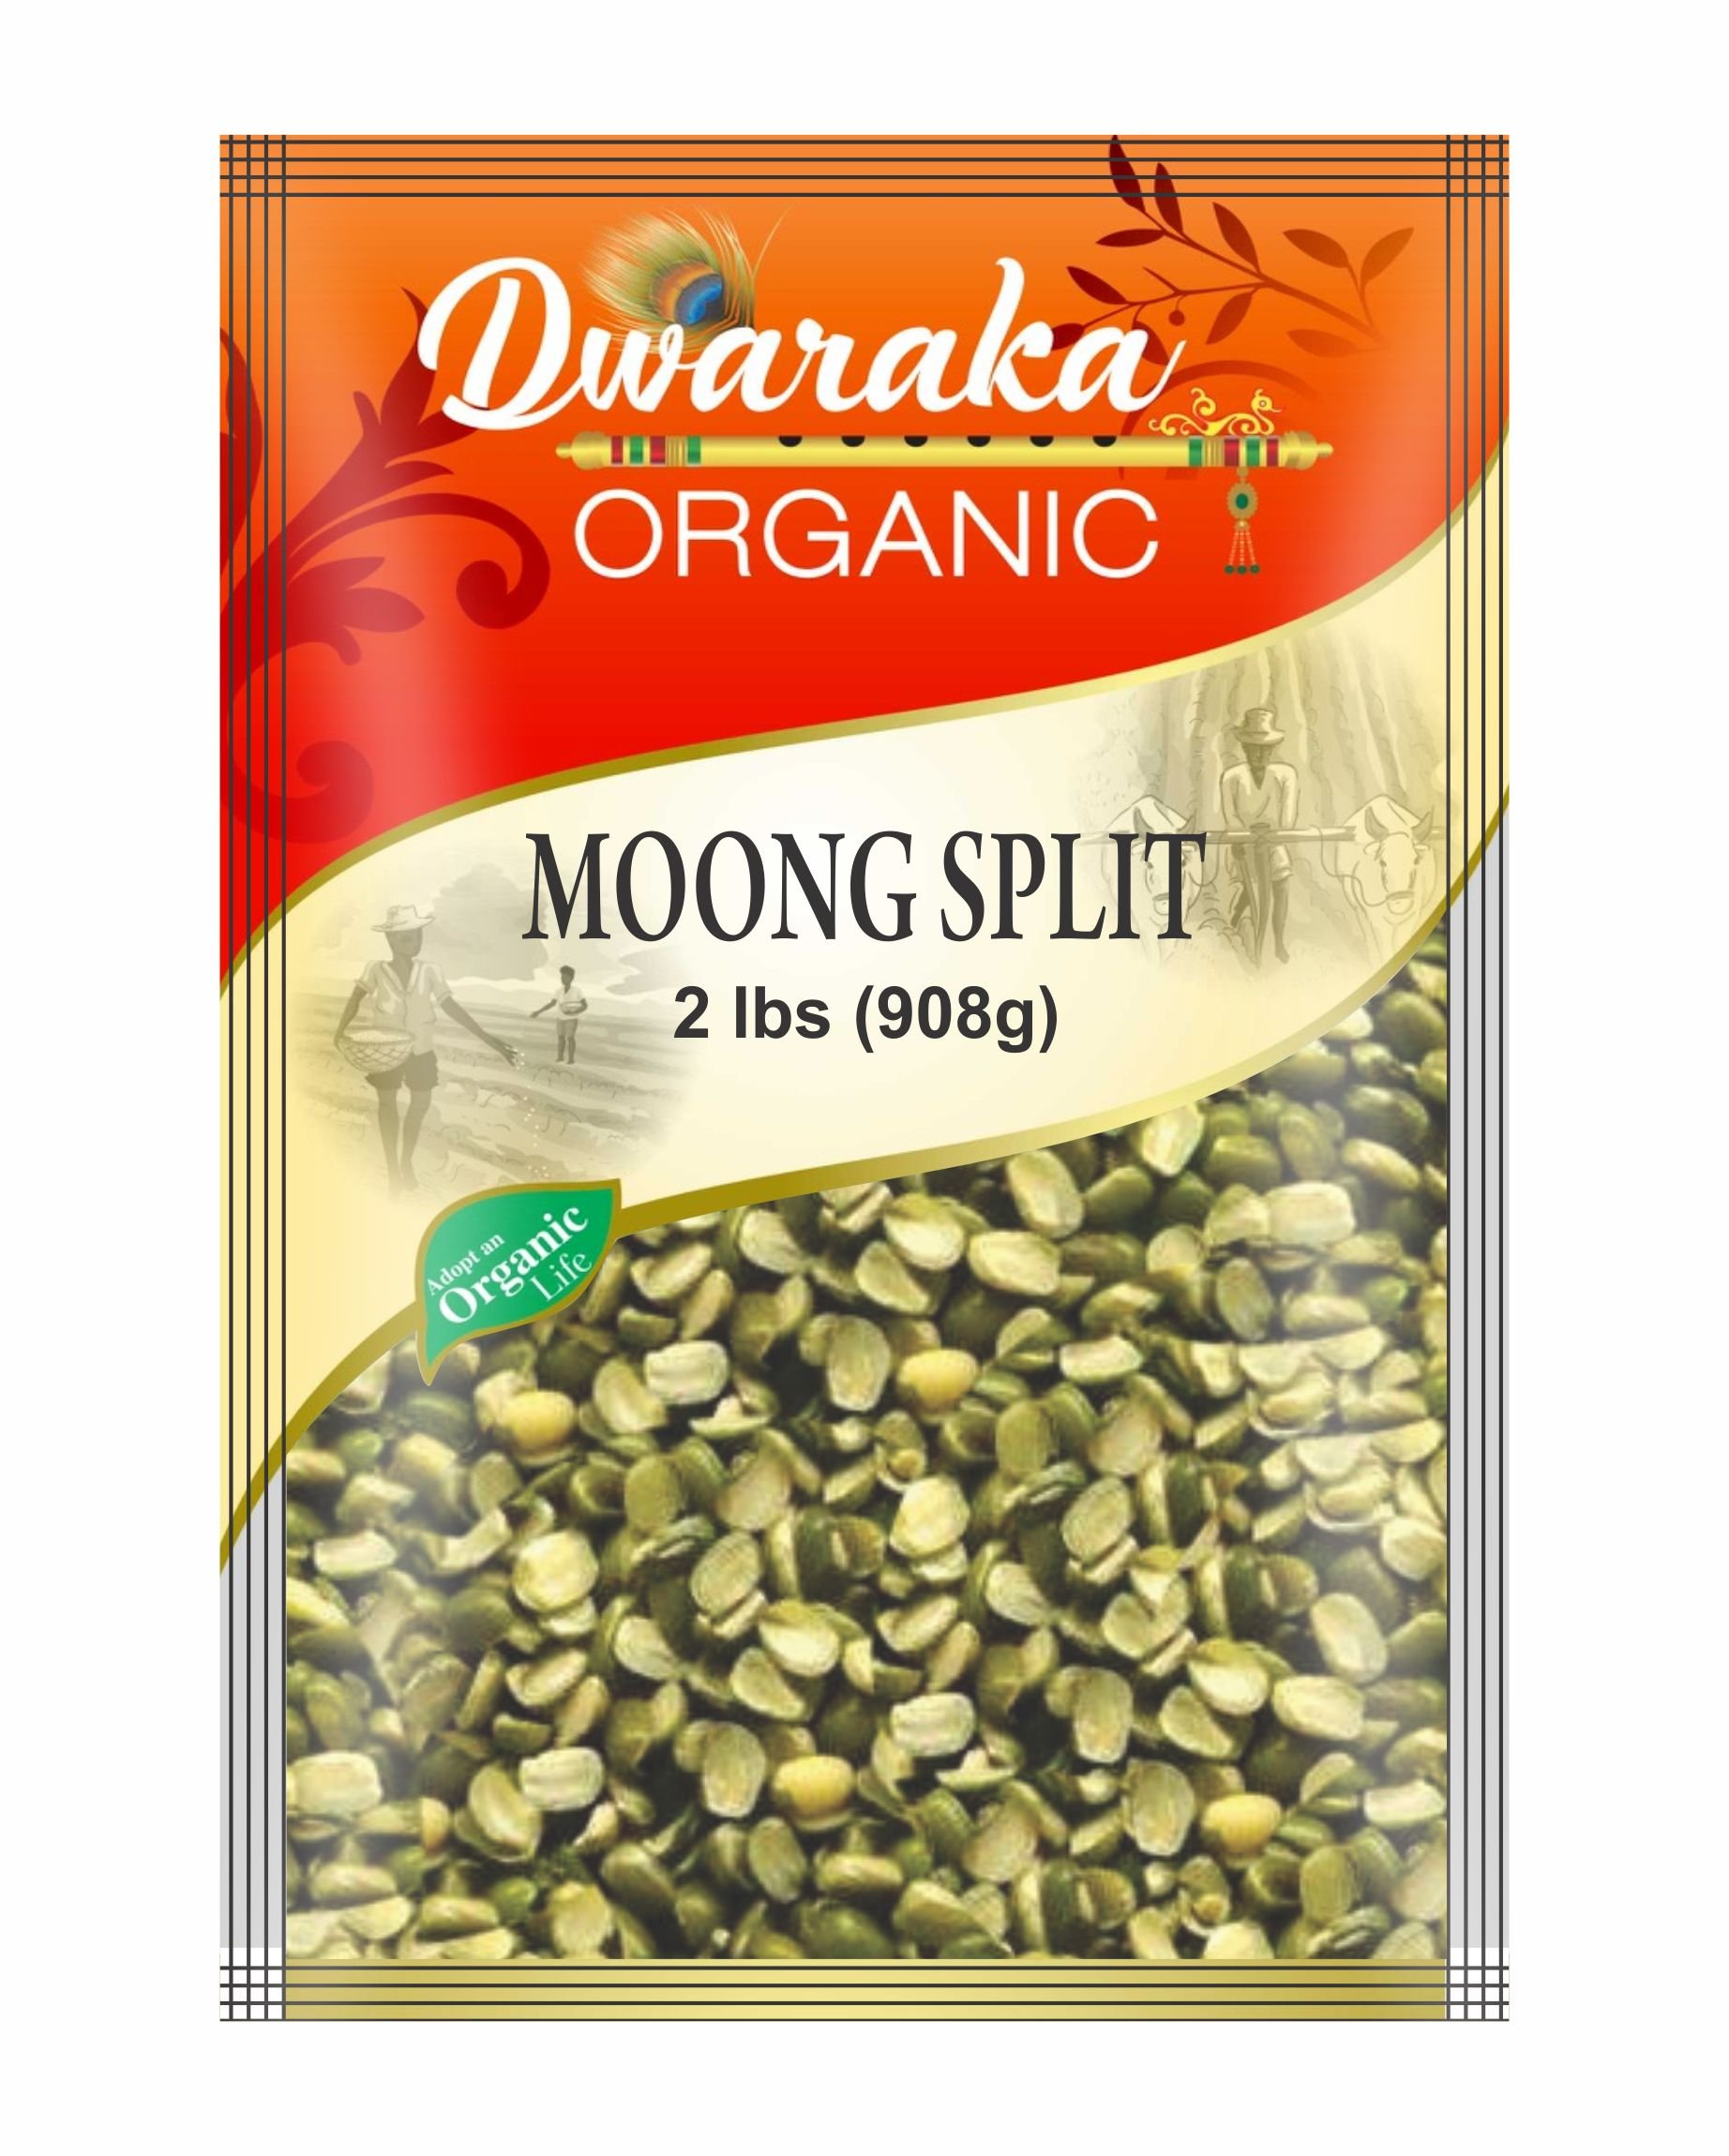 Dwaraka Organic Moong Bean Wash Split Dal with Skin Lentil USDA Organic (2 lbs / 908 g)